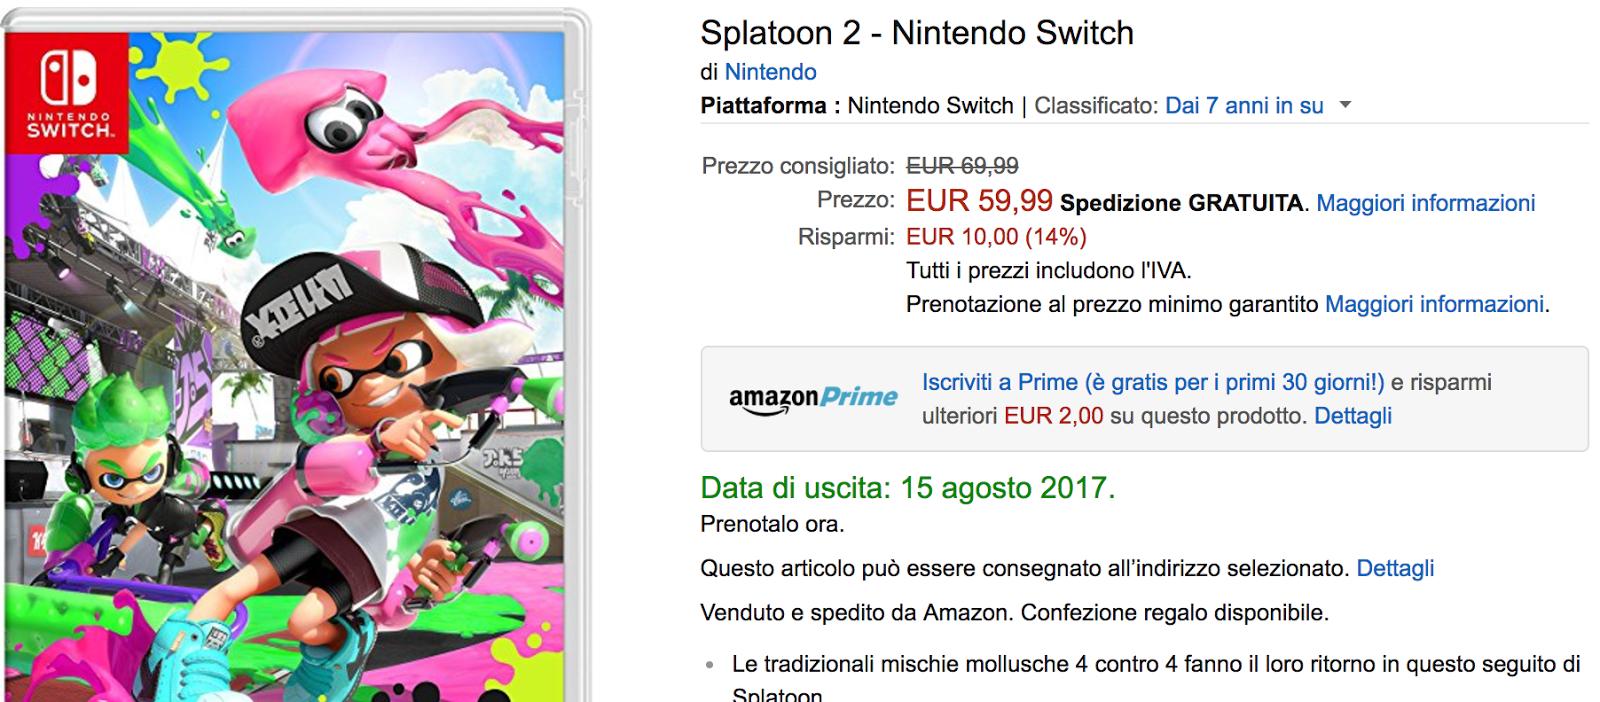 Splatoon 2 llegaría el 15 de agosto según filtración